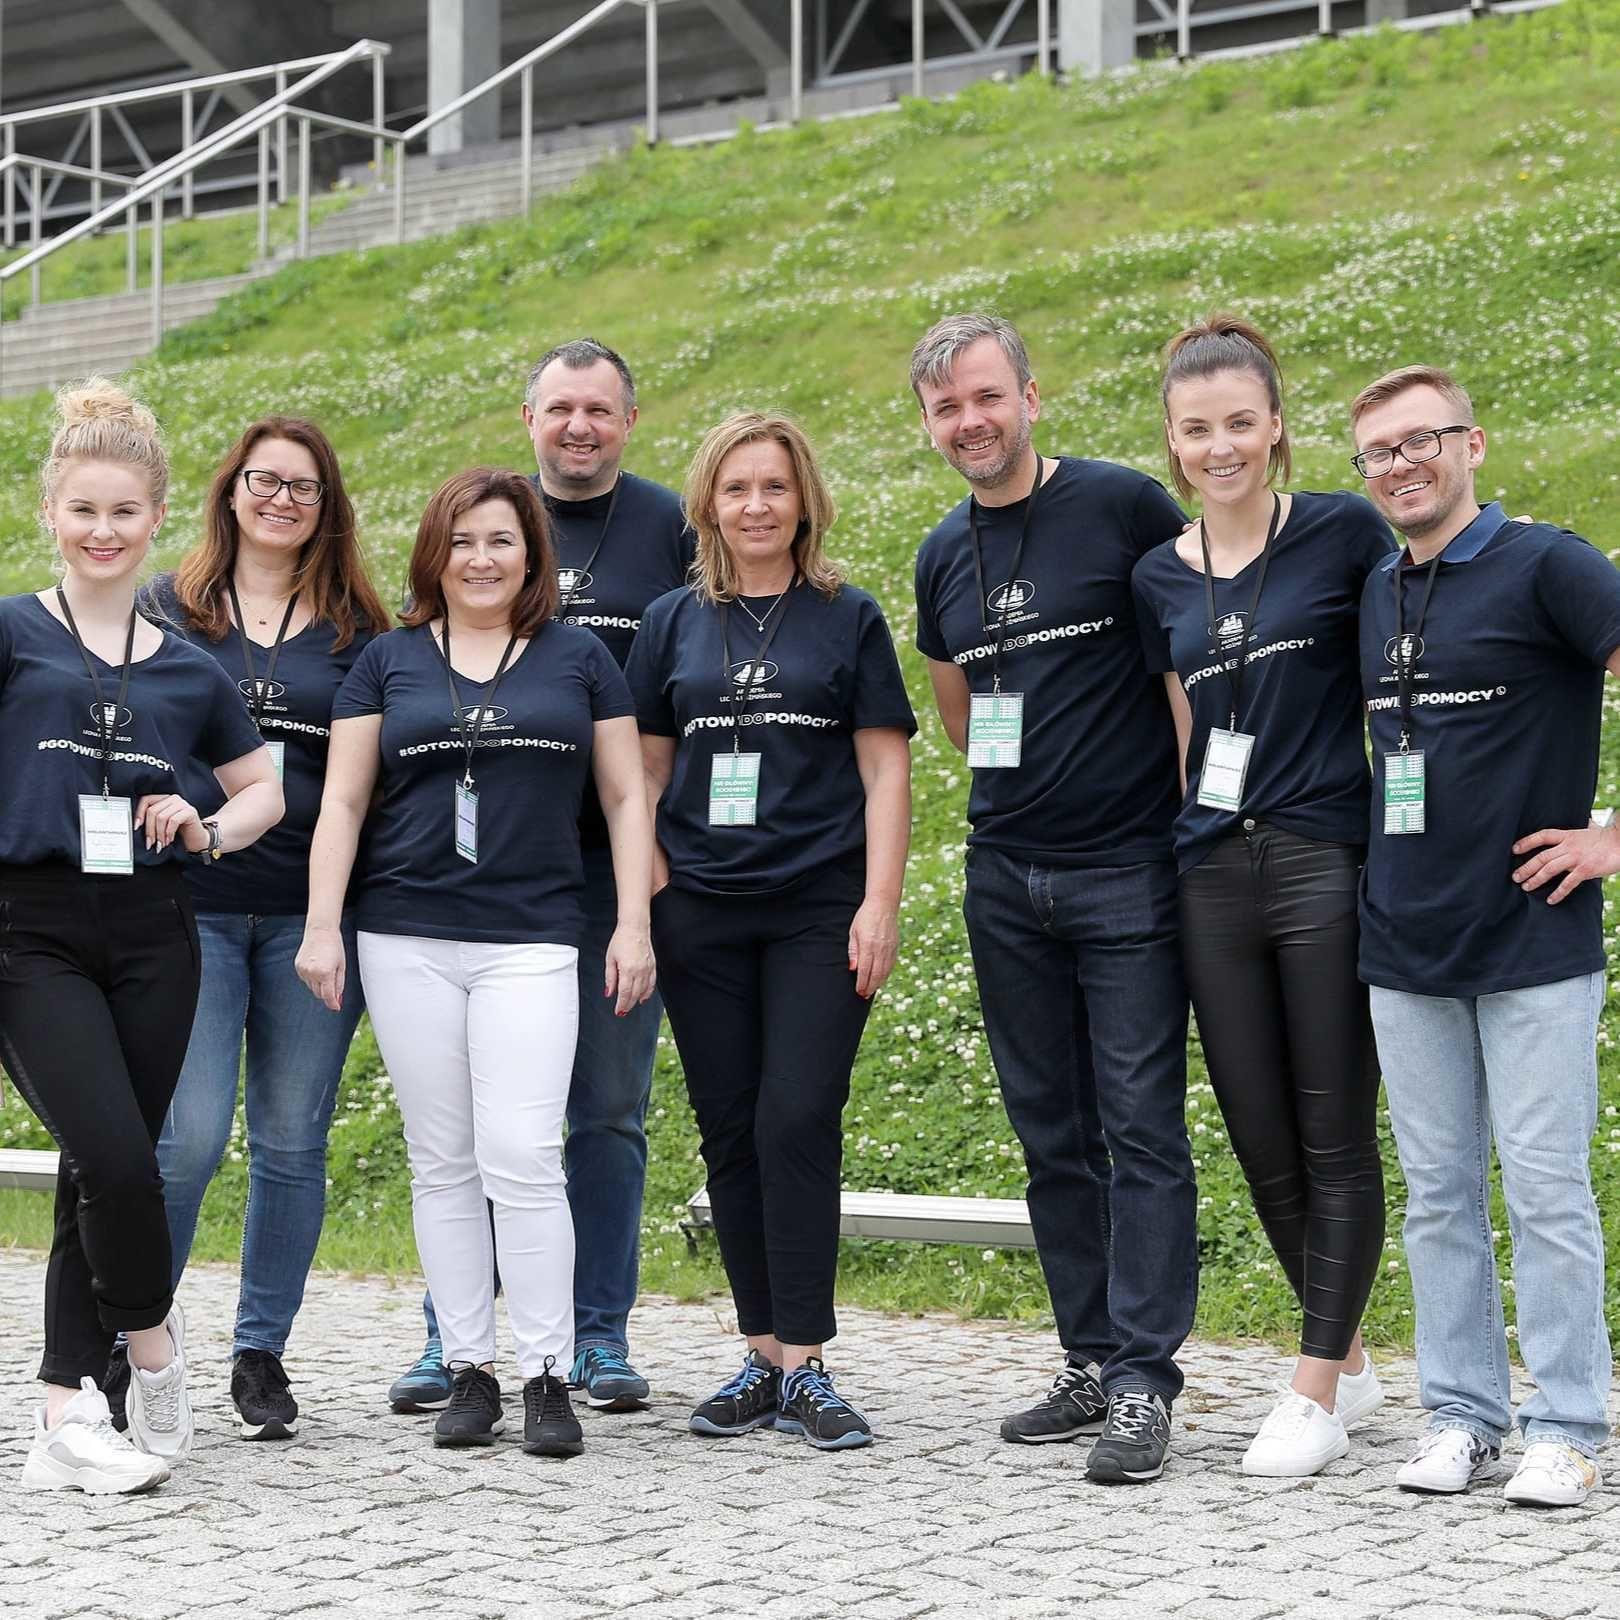 #GOTOWIDOPOMOCY: Fundacja Koźmińskich i Akademia Leona Koźmińskiego z wizytą u seniorów